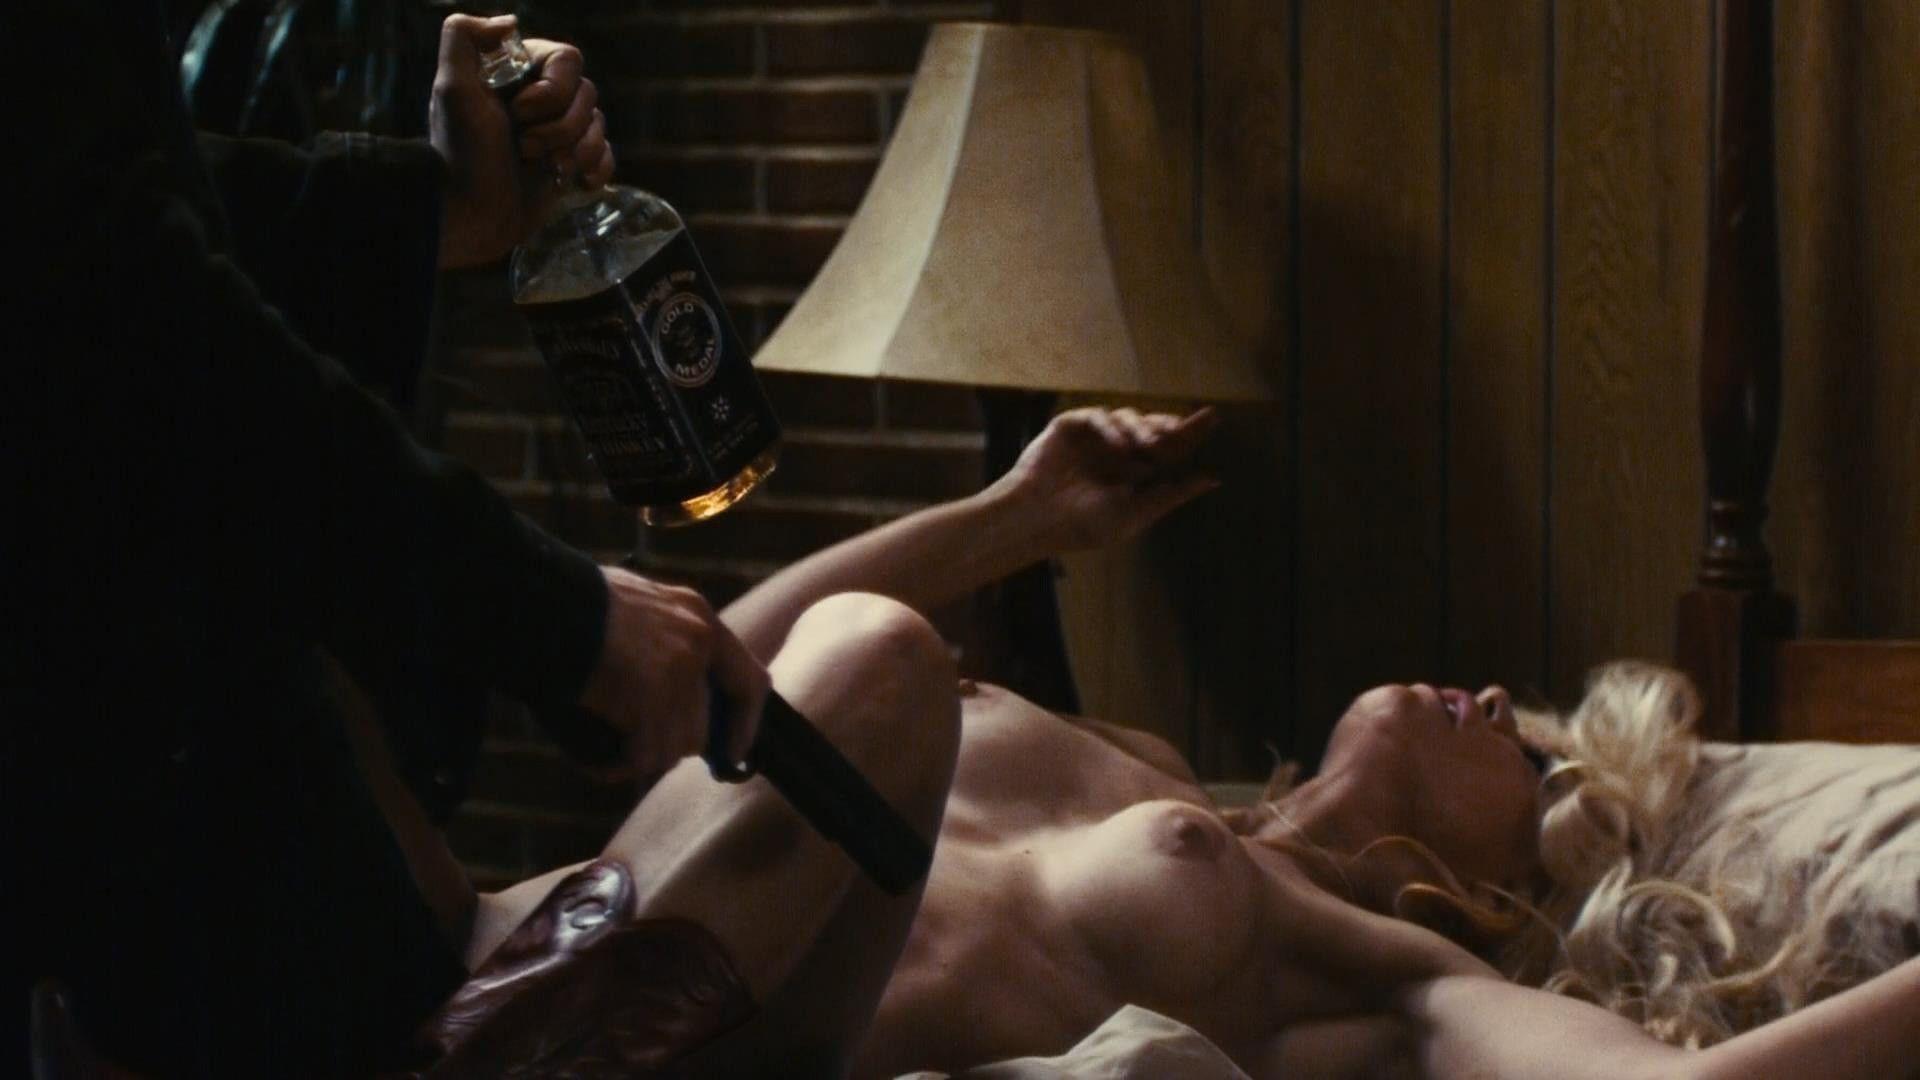 Топ 100 порно фильмов » Порно фильмы онлайн